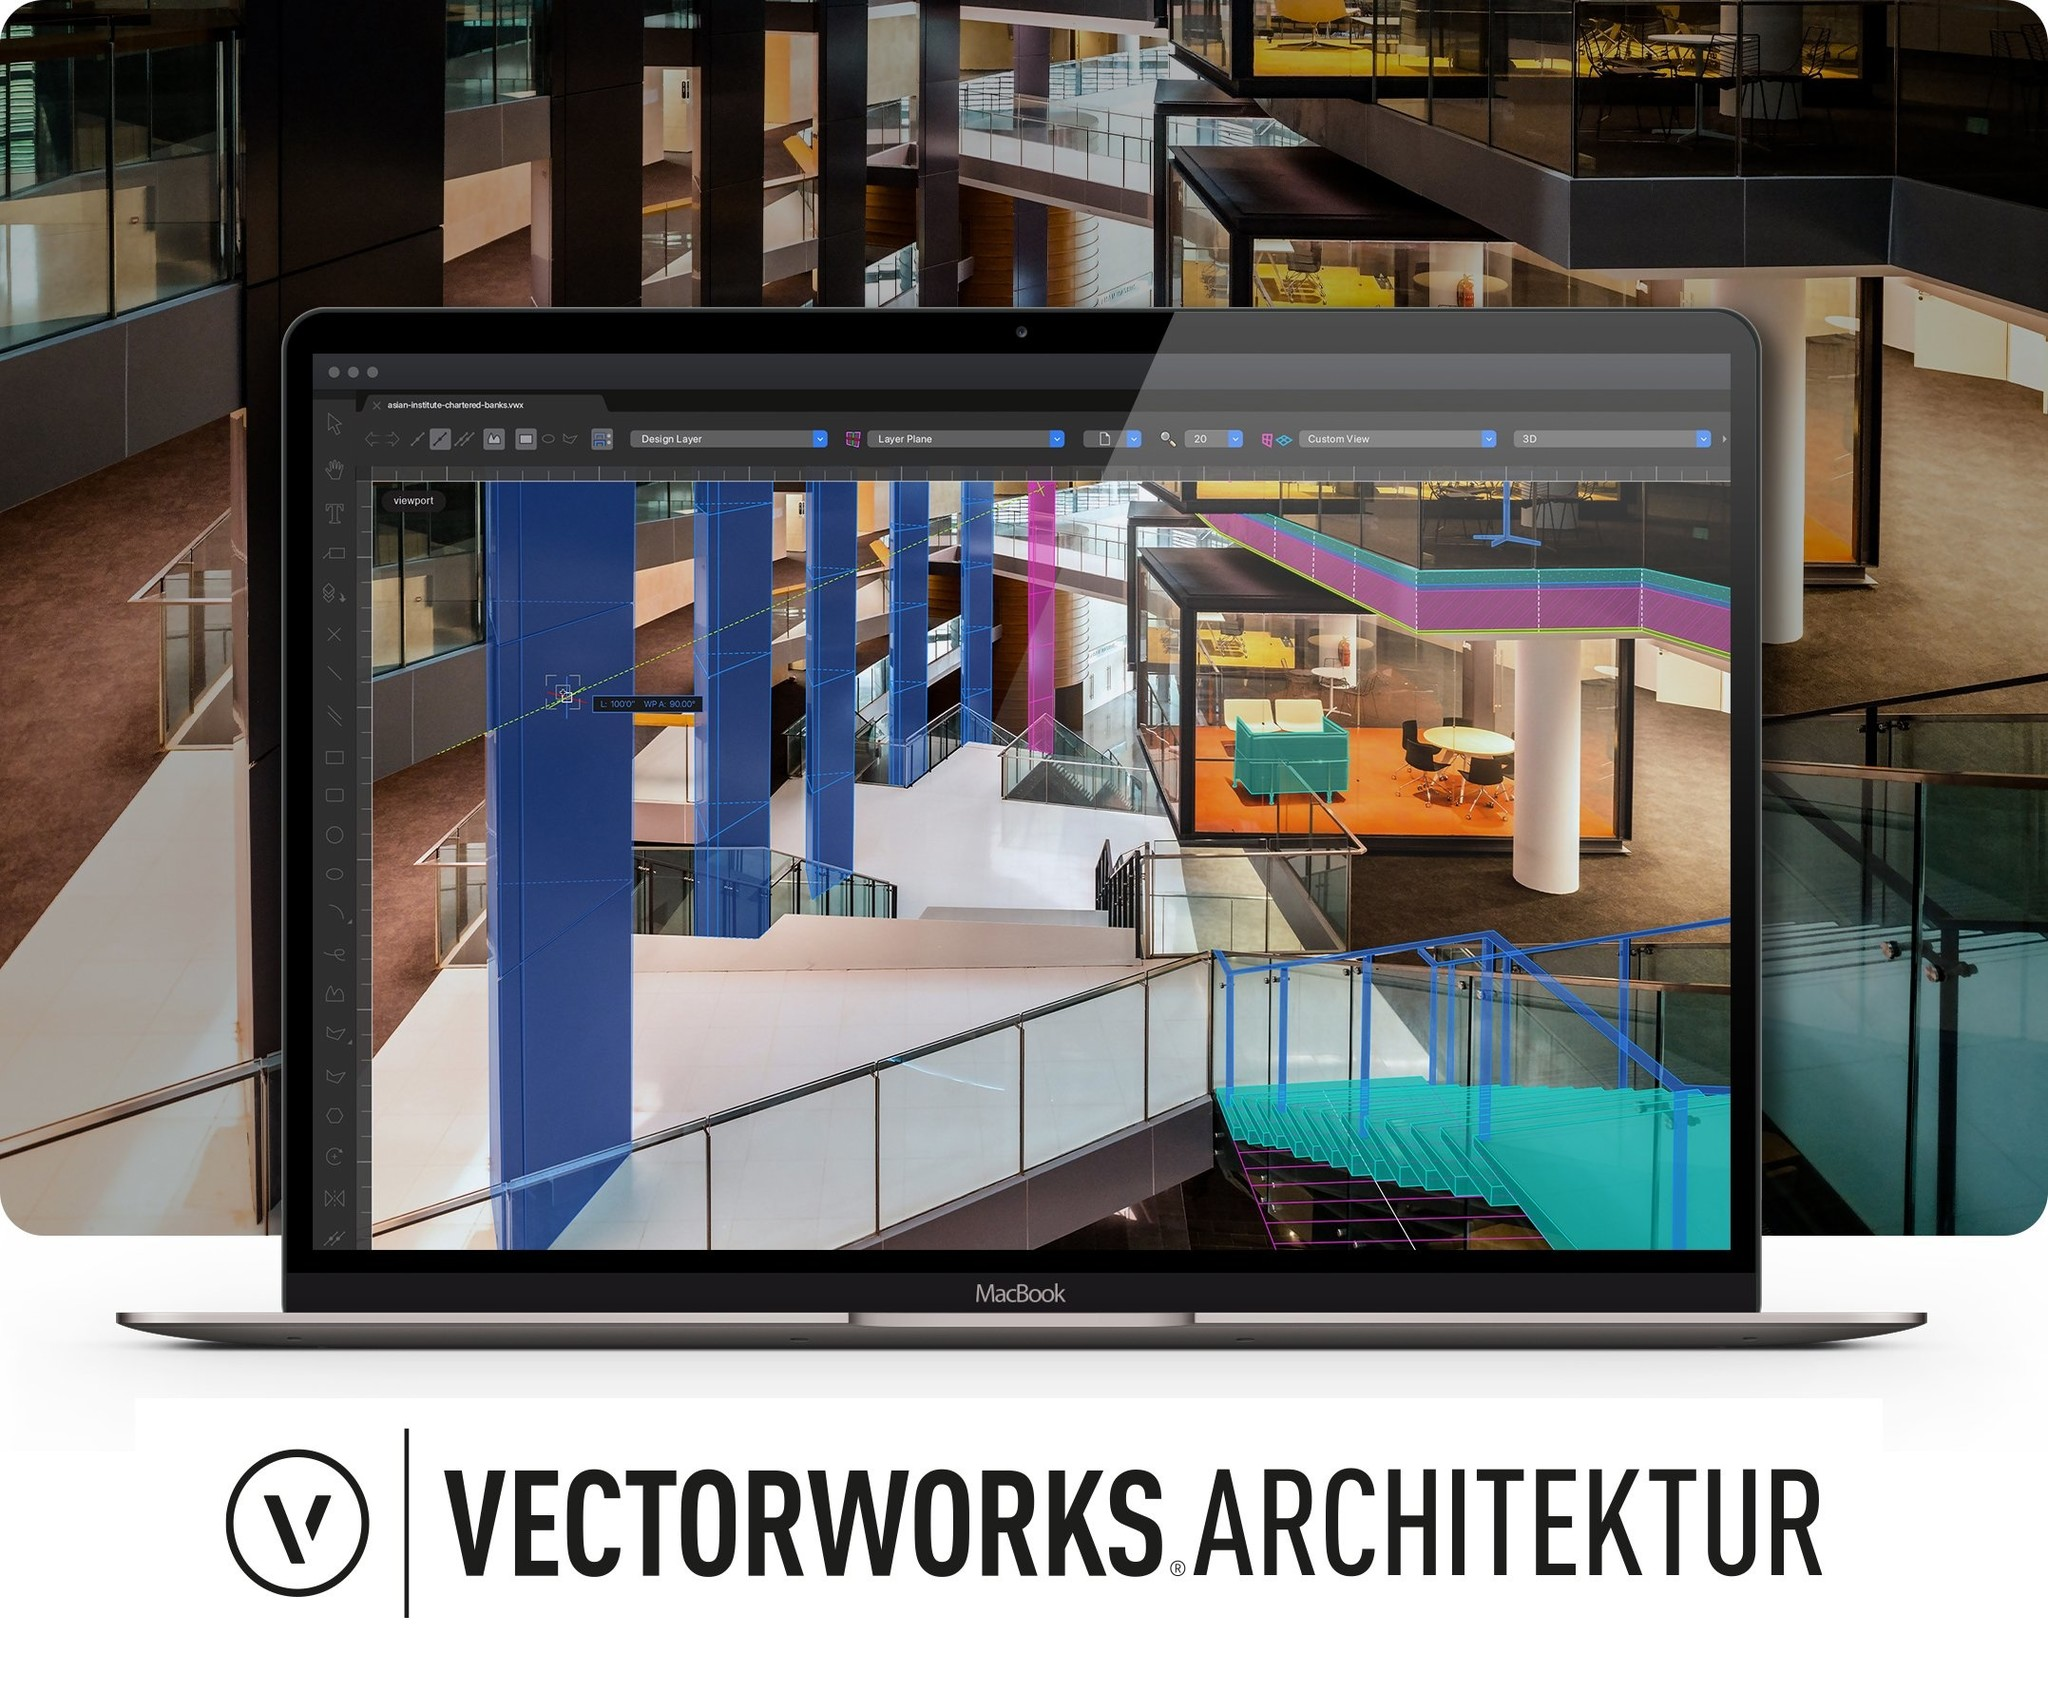 VECTORWORKS Architektur 2022